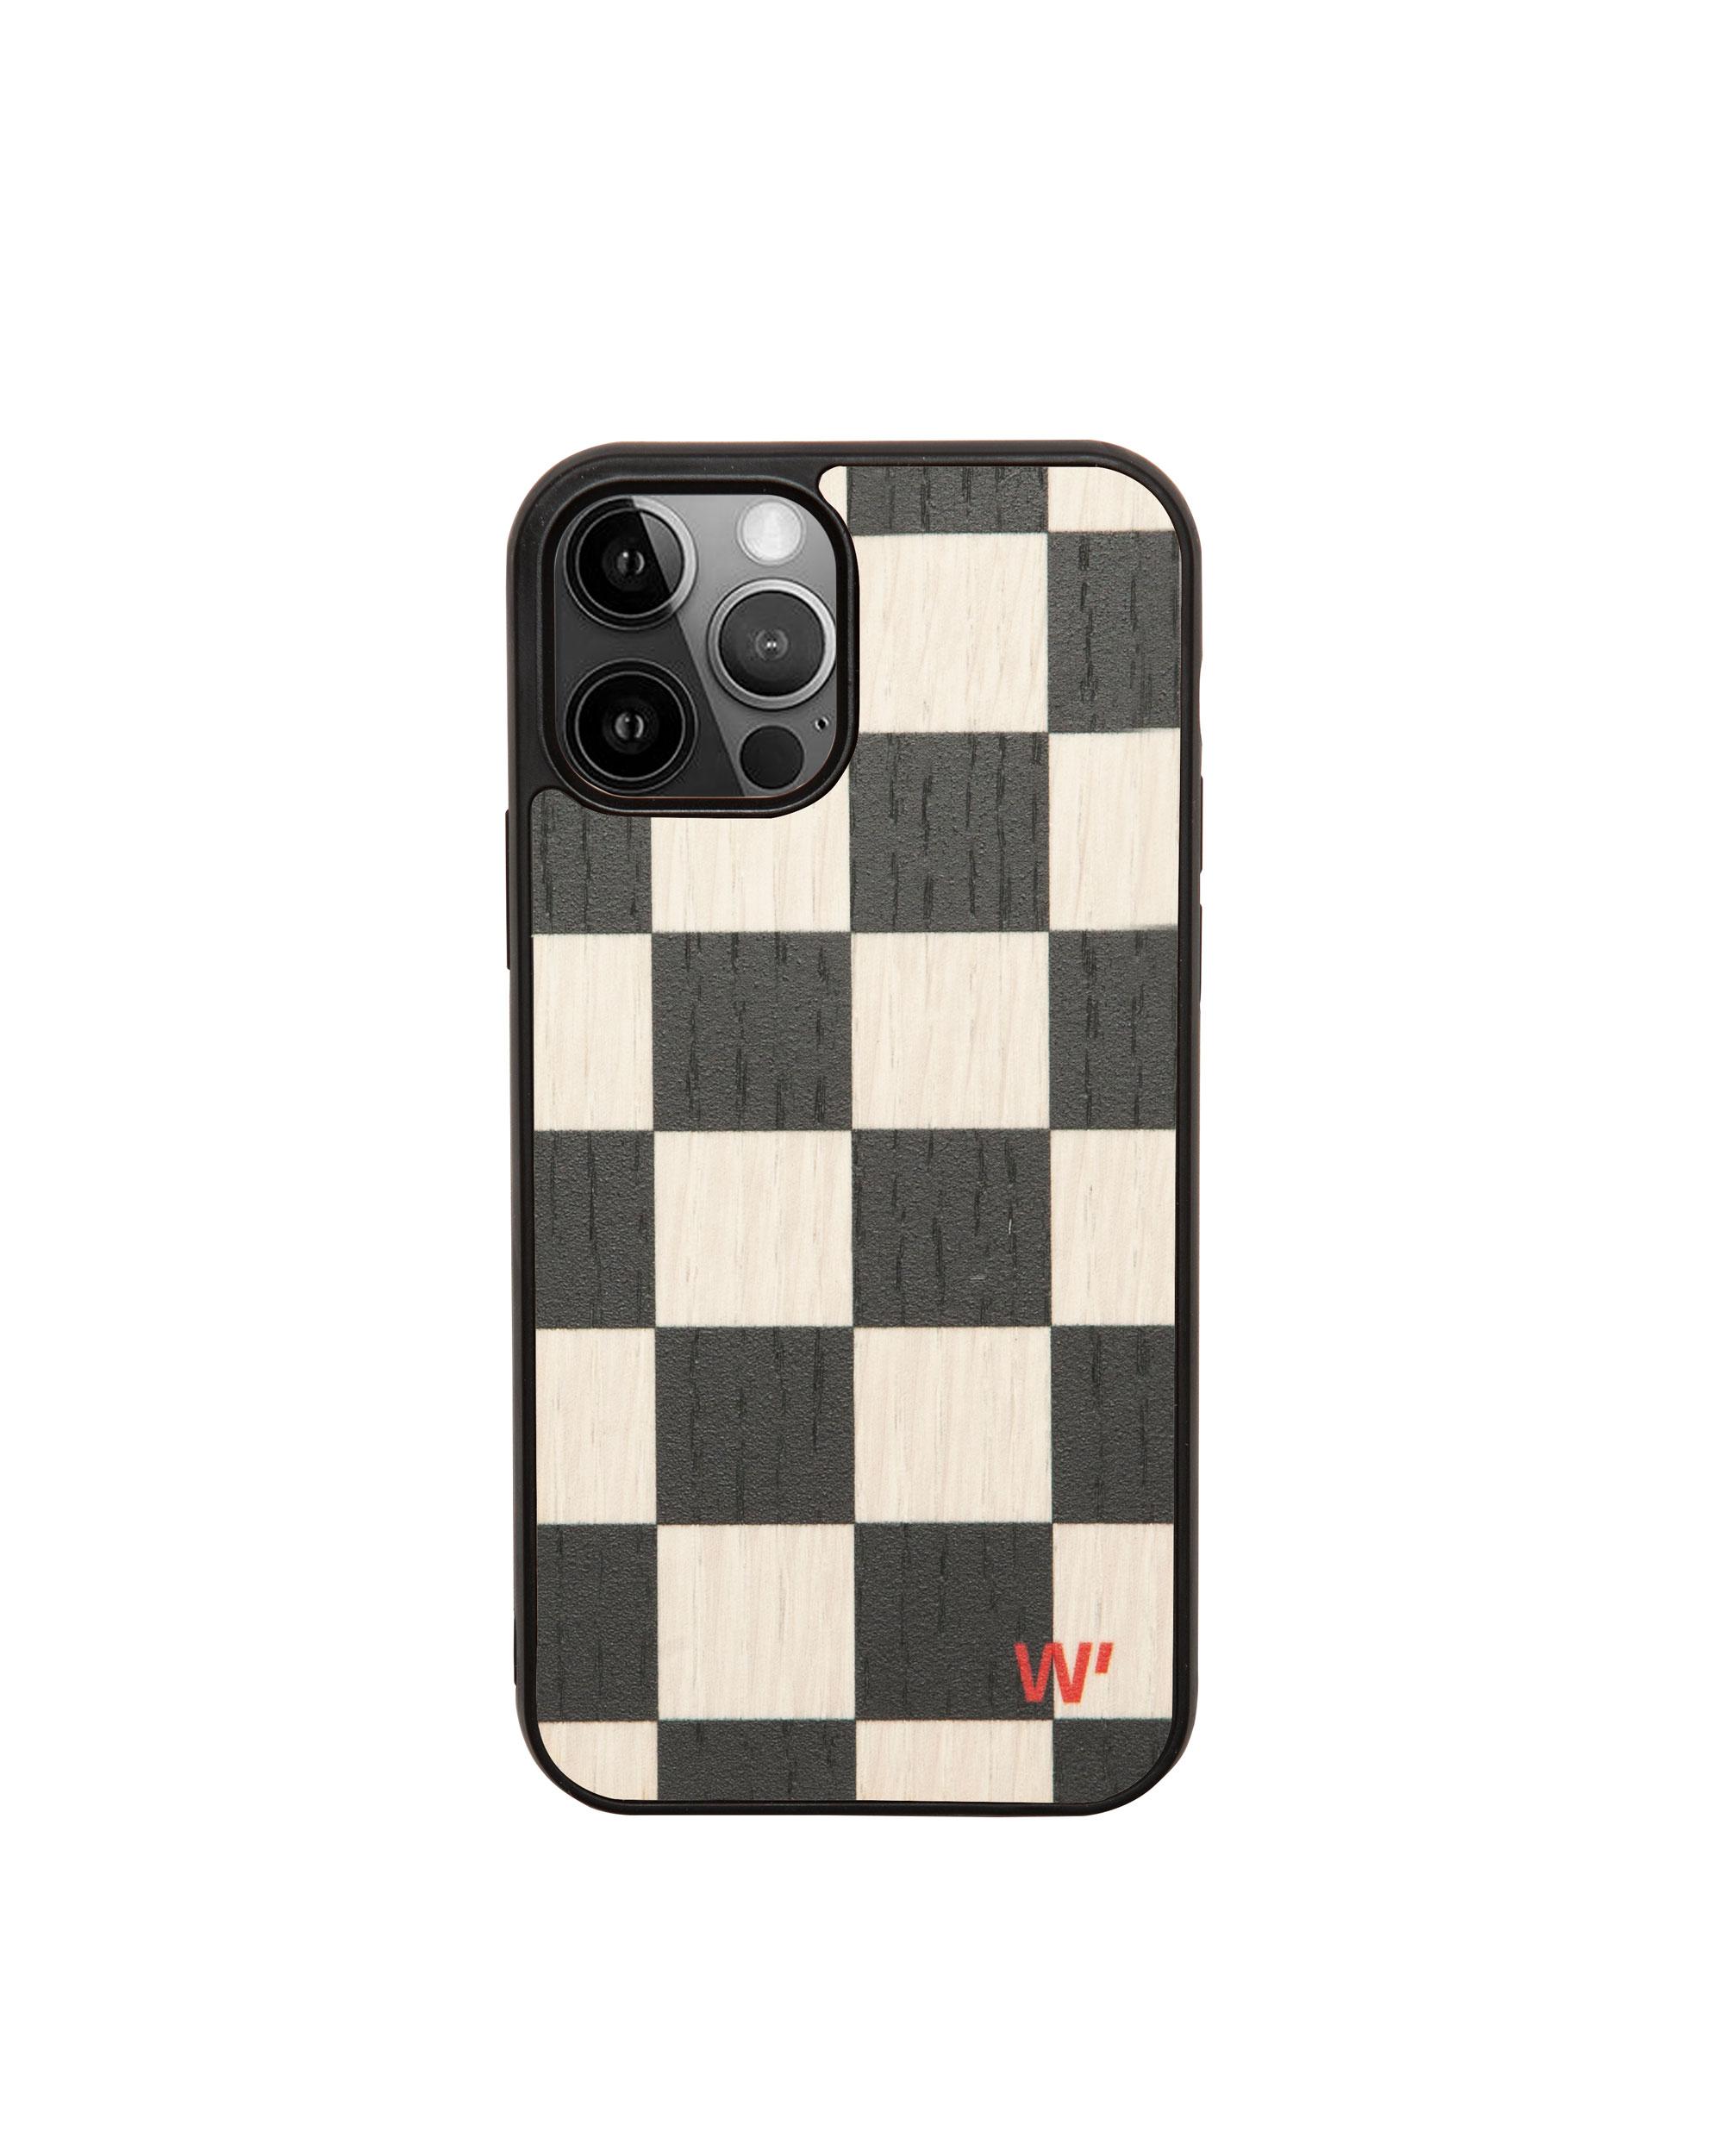 CHECK - Coque en bois pour iPhone 12 mini